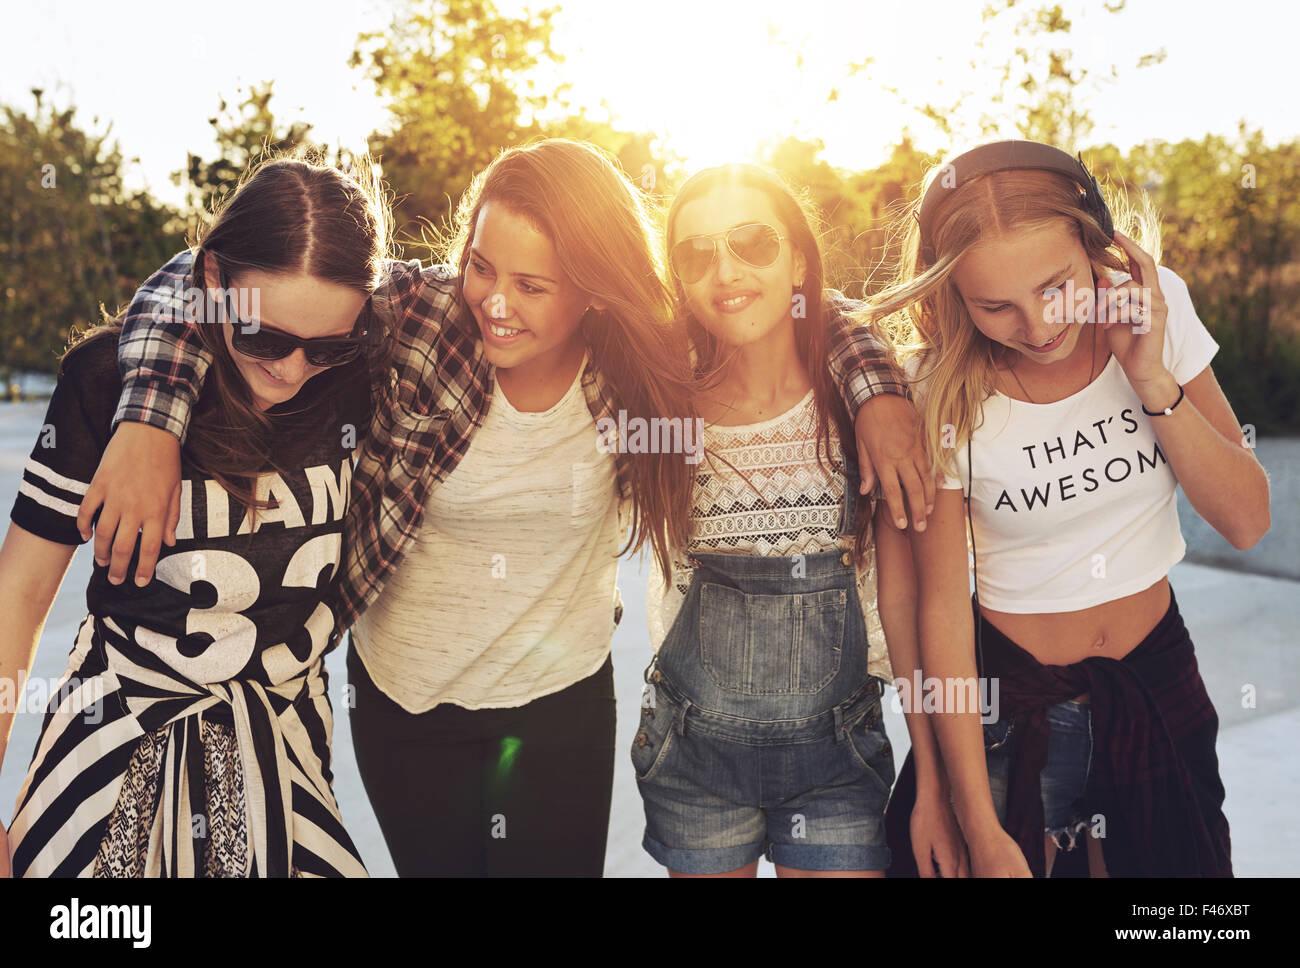 Og groupe adolescentes dans les rues et de rire Photo Stock